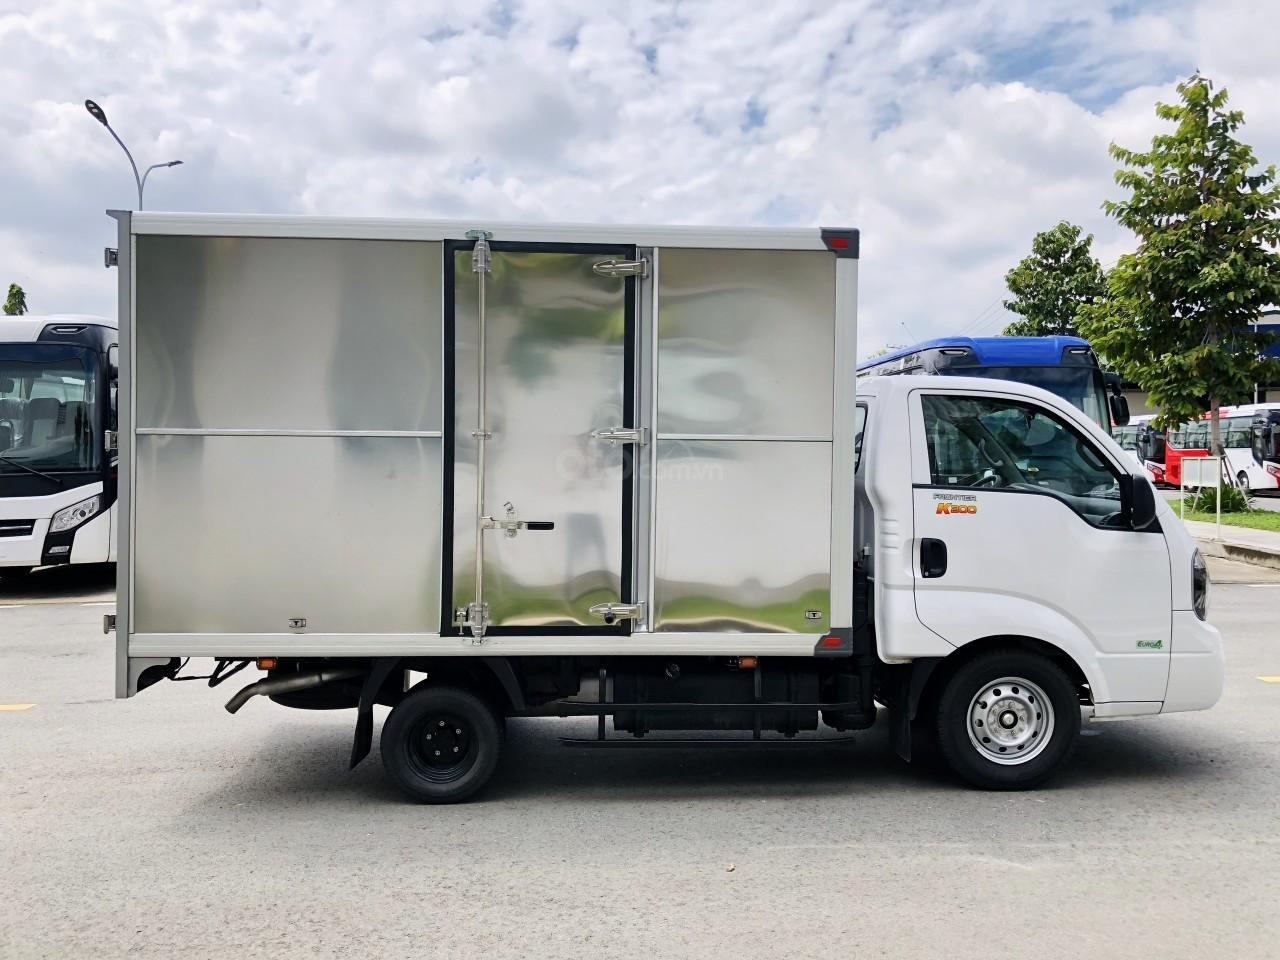 Xe tải Kia 1T / xe tải Kia 1T4/ xe tải Kia 1T9/ Kia K200/ trả góp 75% (4)